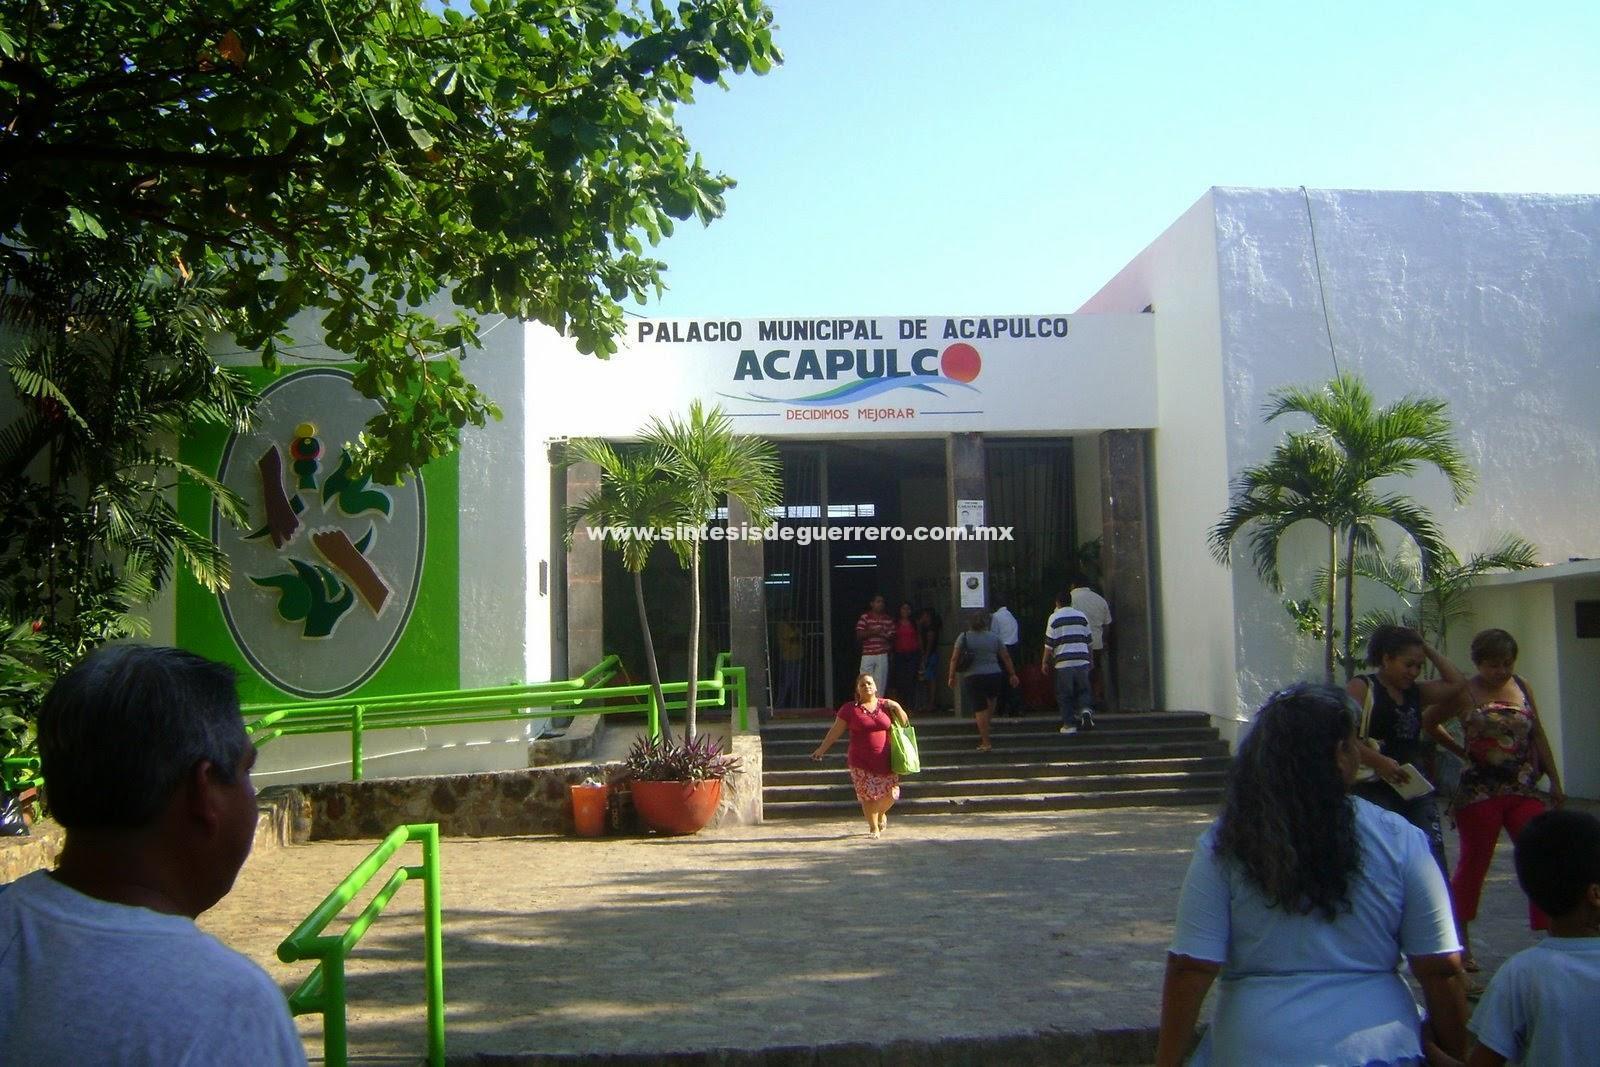 Corto circuito deja sin energía eléctrica al Palacio Municipal Papagayo